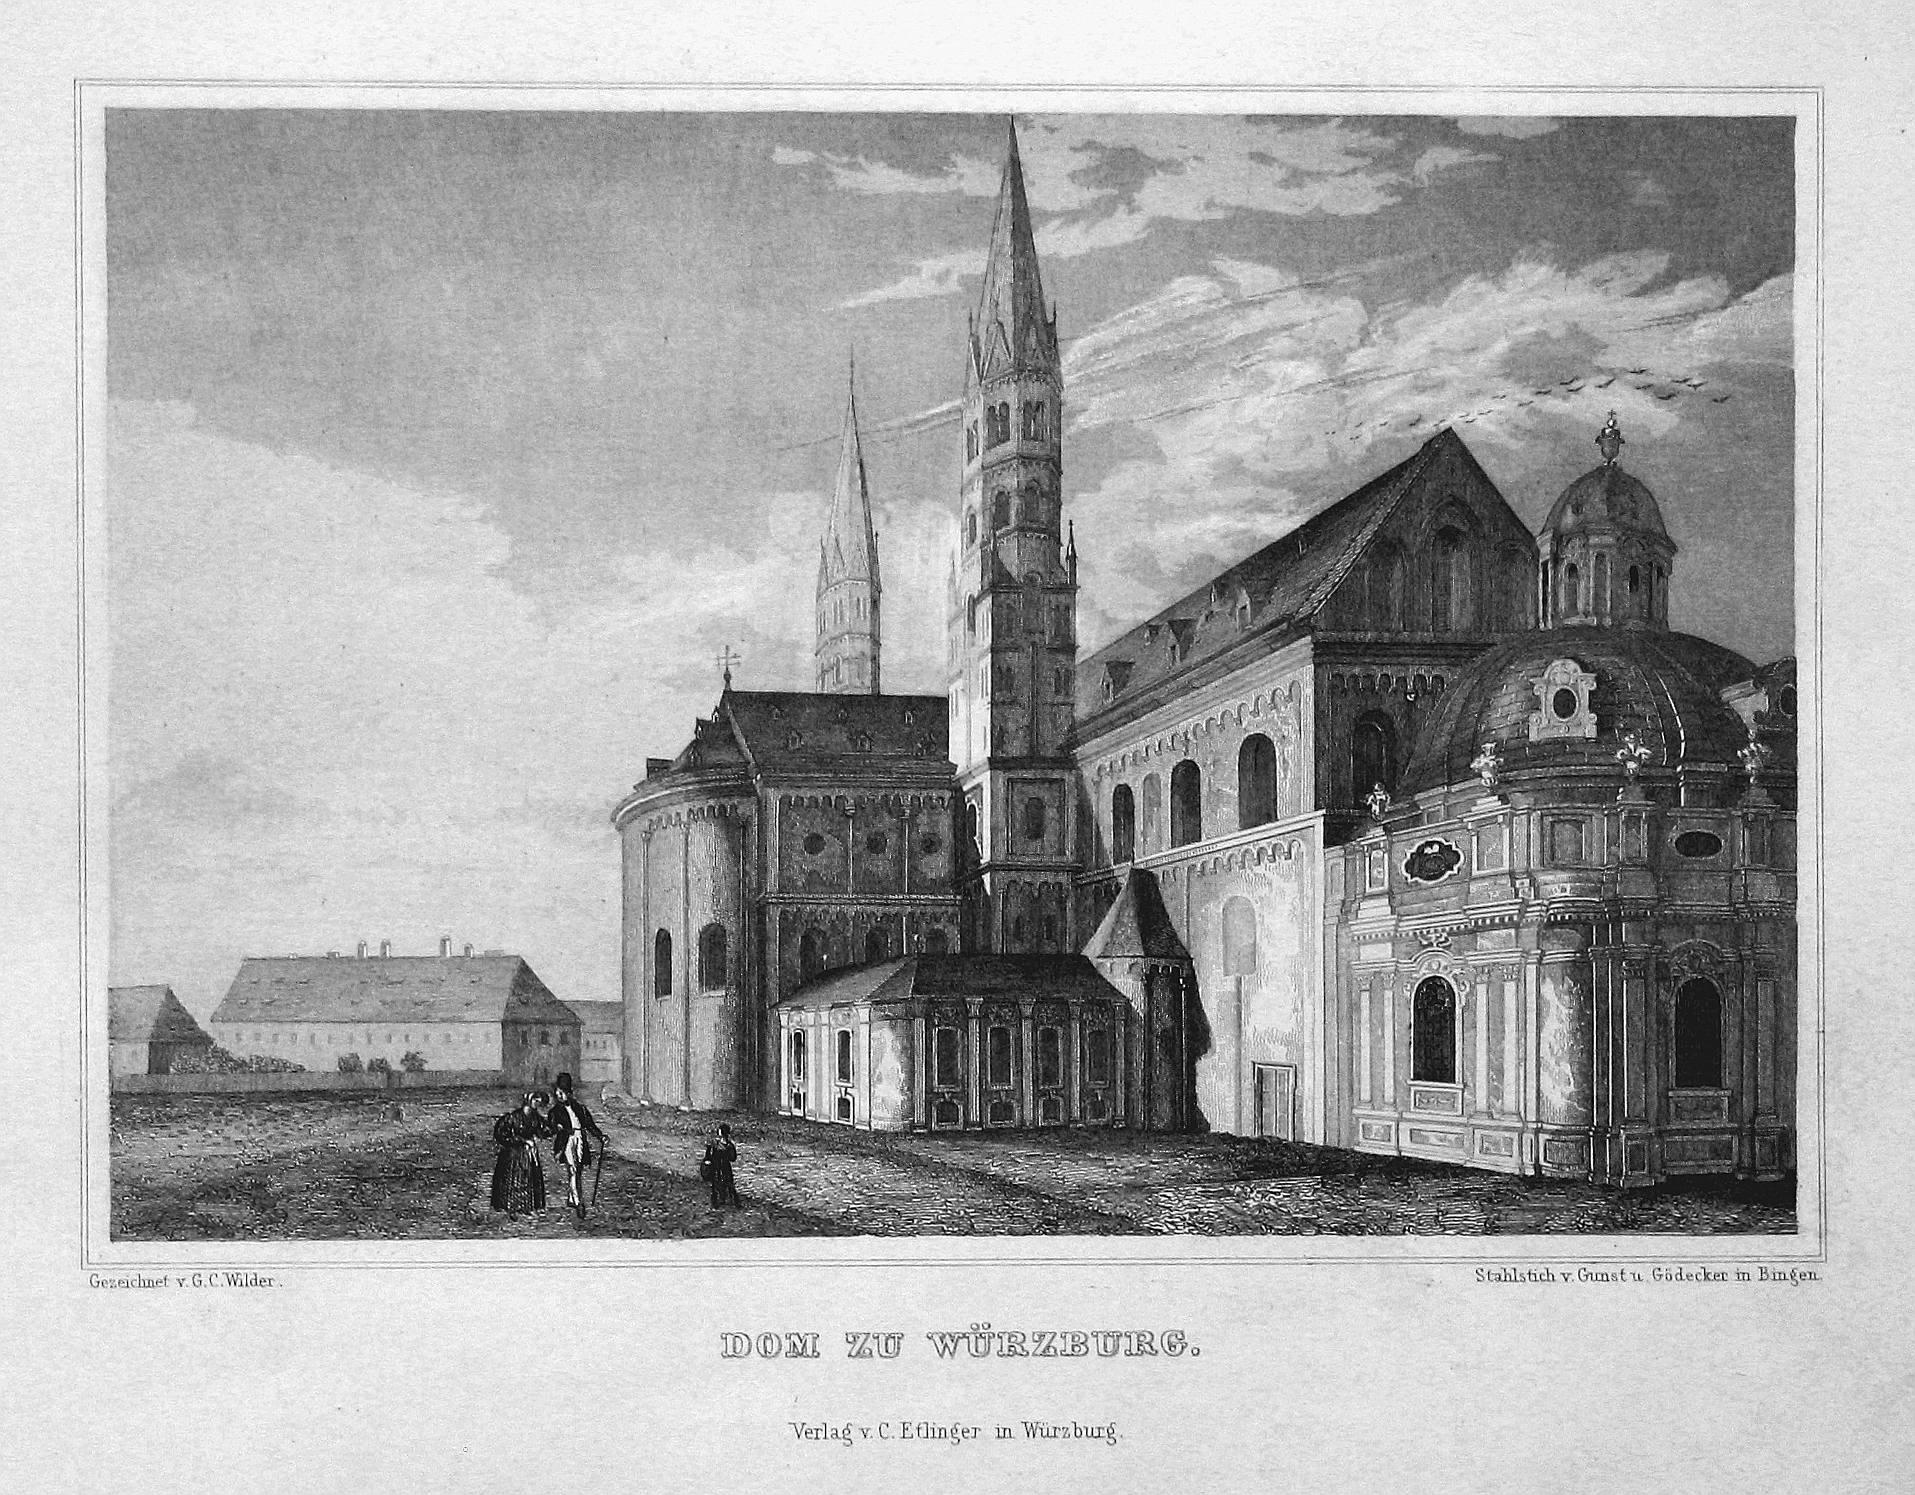 """Dom zu Würzburg"""" - Würzburg Bayern Dom: Bamberger, Fritz (1814-1873):"""